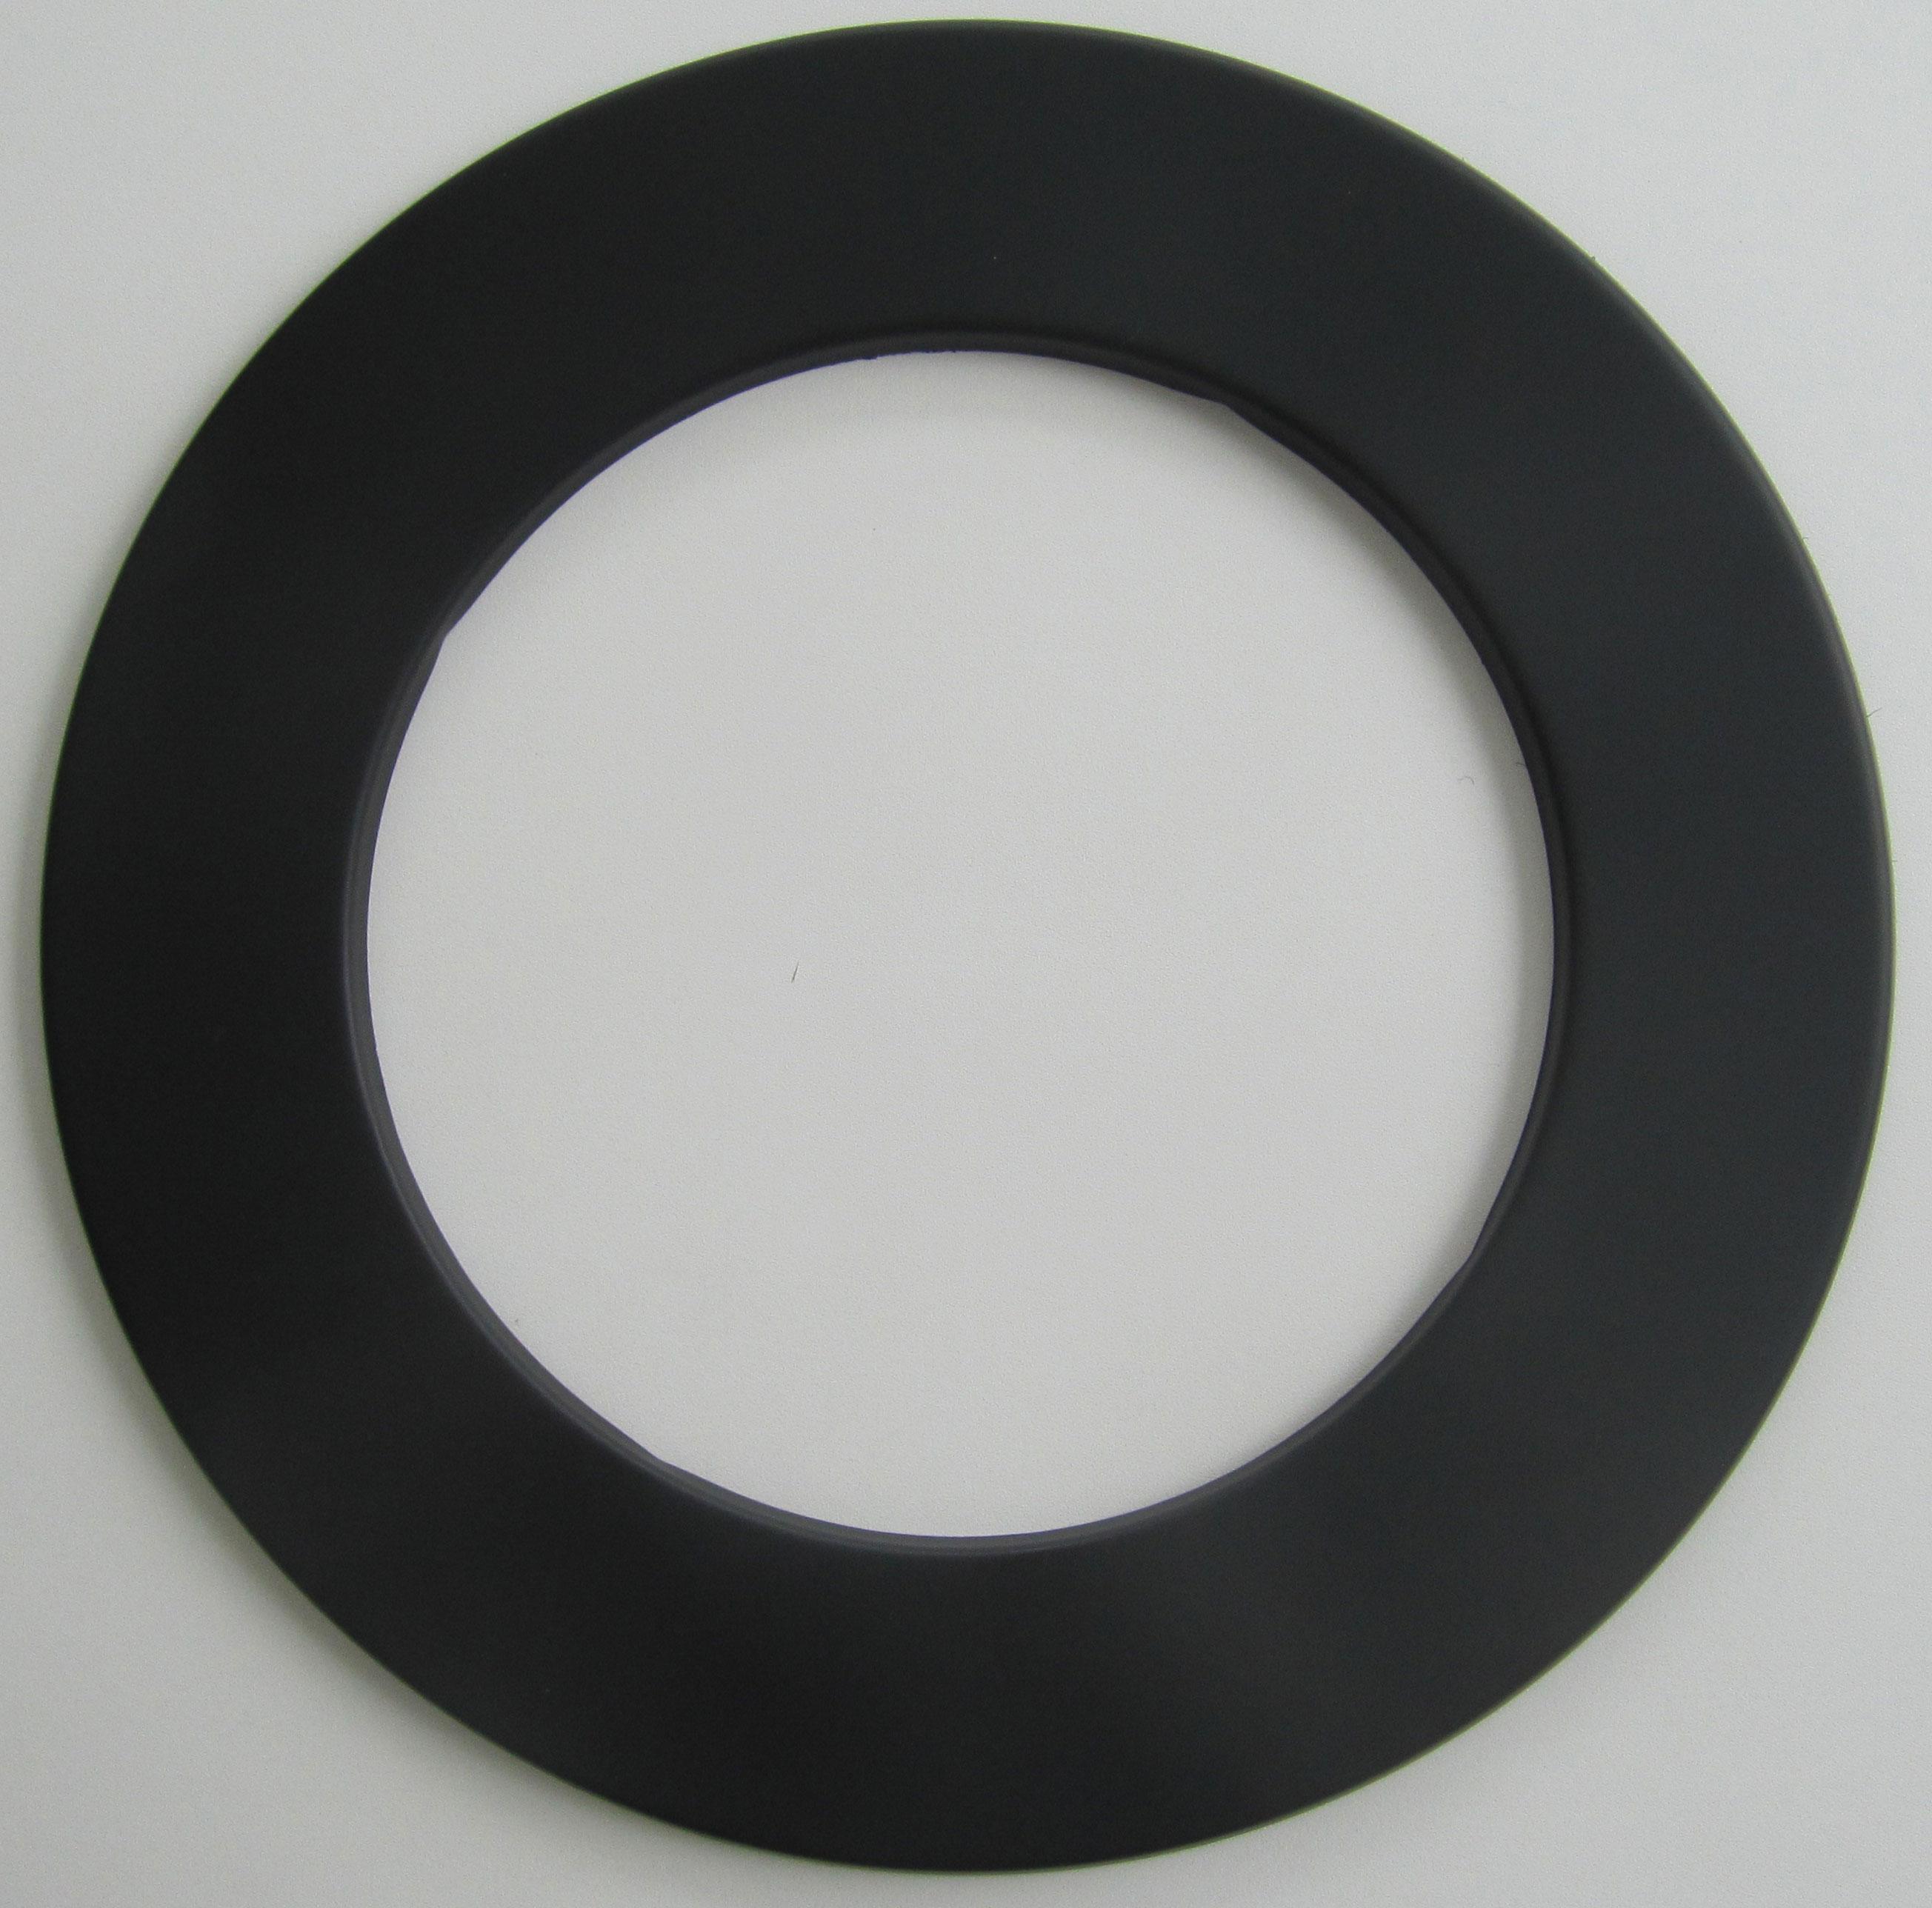 Ofenrohr / Rauchrohr Rosette schwarz Ø200mm Bild 1